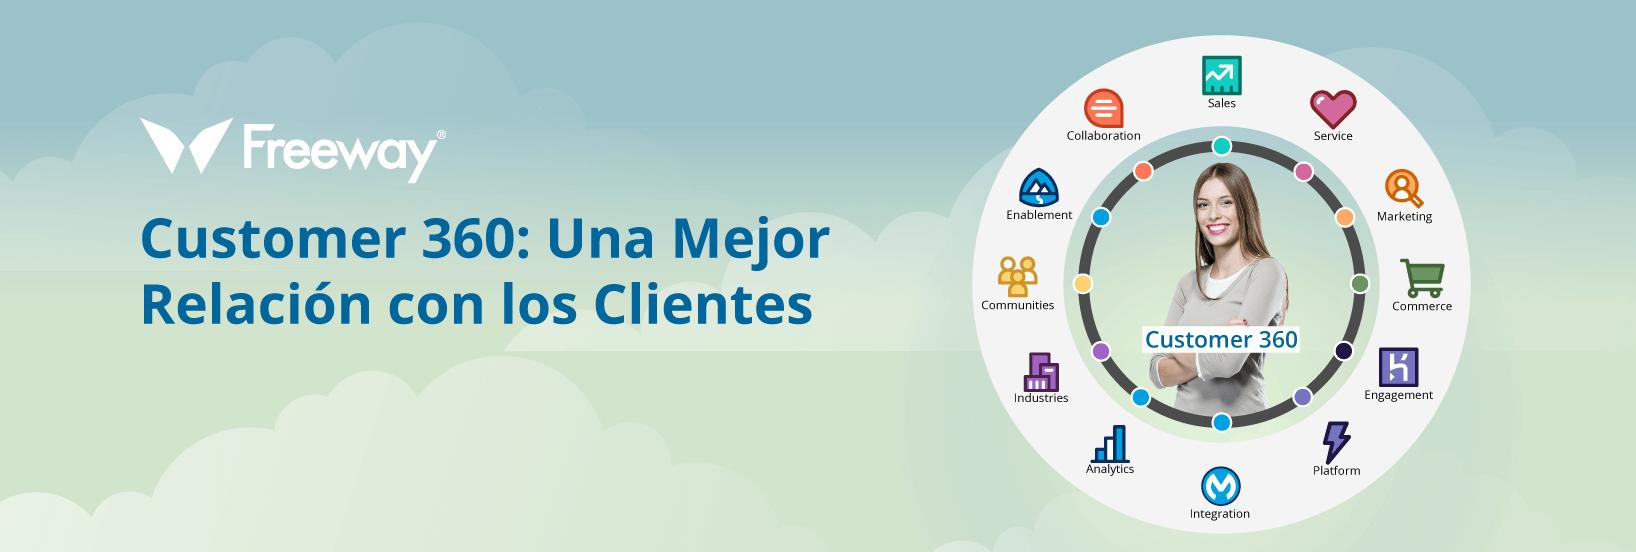 Customer 360, Construye una mejor relación con tus clientes